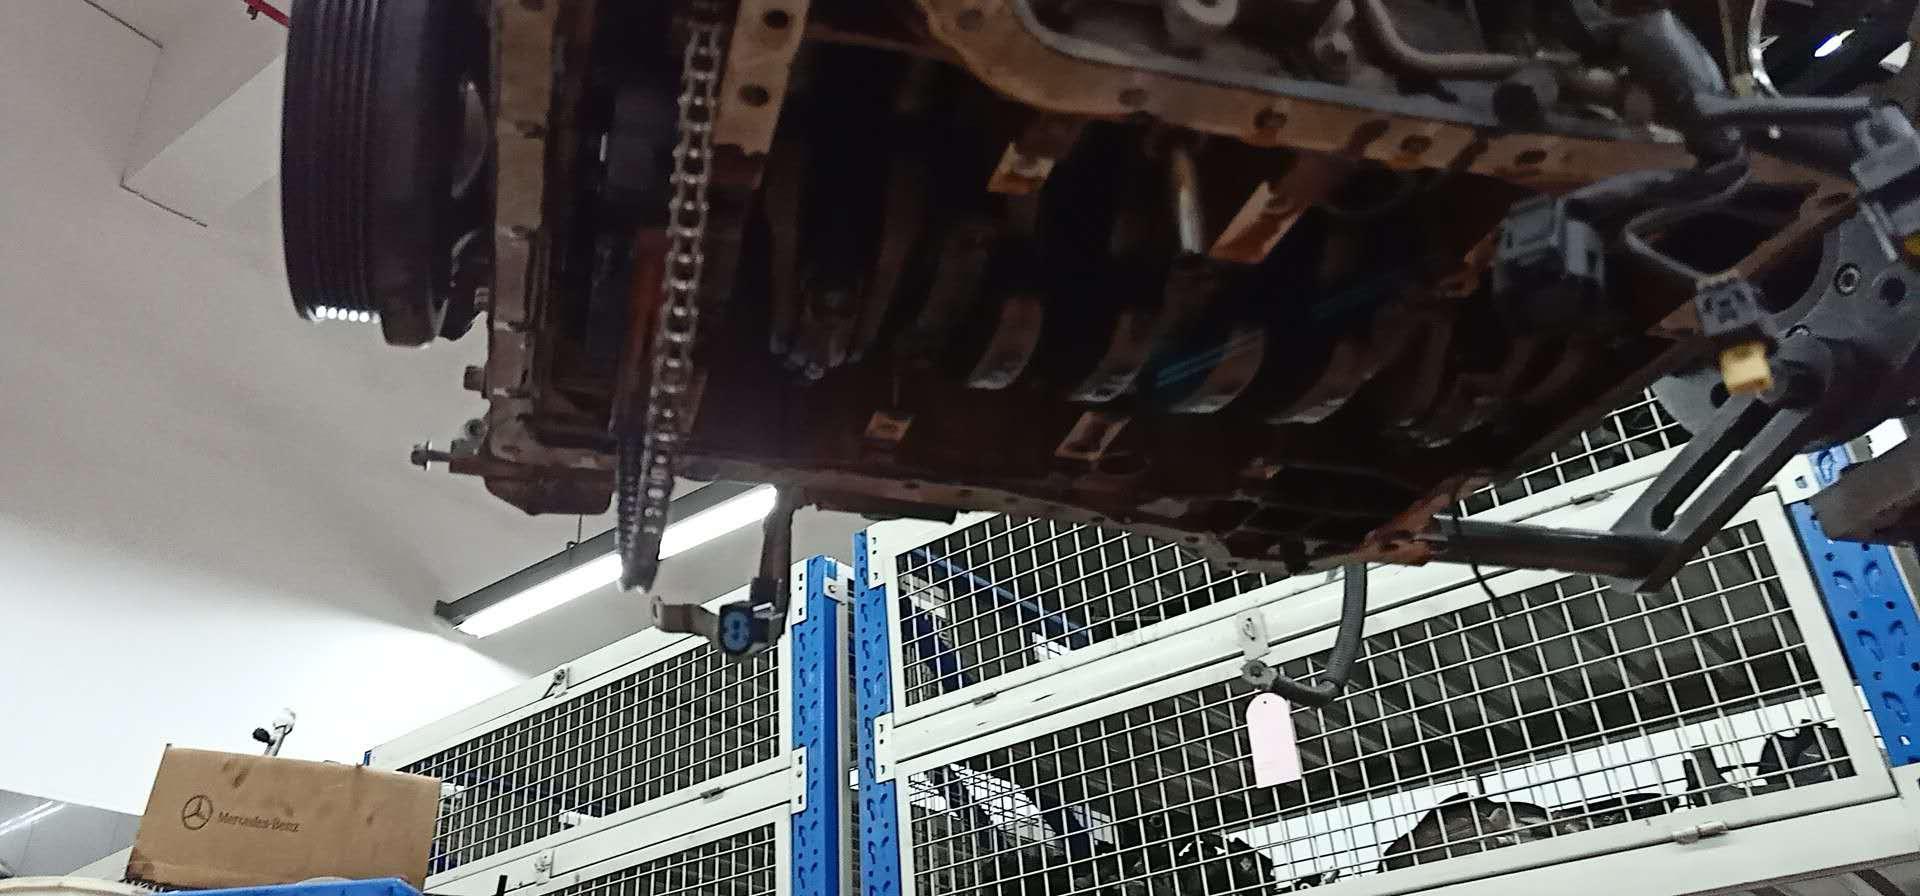 奔驰-奔驰E级 M271凸轮轴调节器问题,发动机有铝屑和铁屑,4S店查不出原因和磨损部件